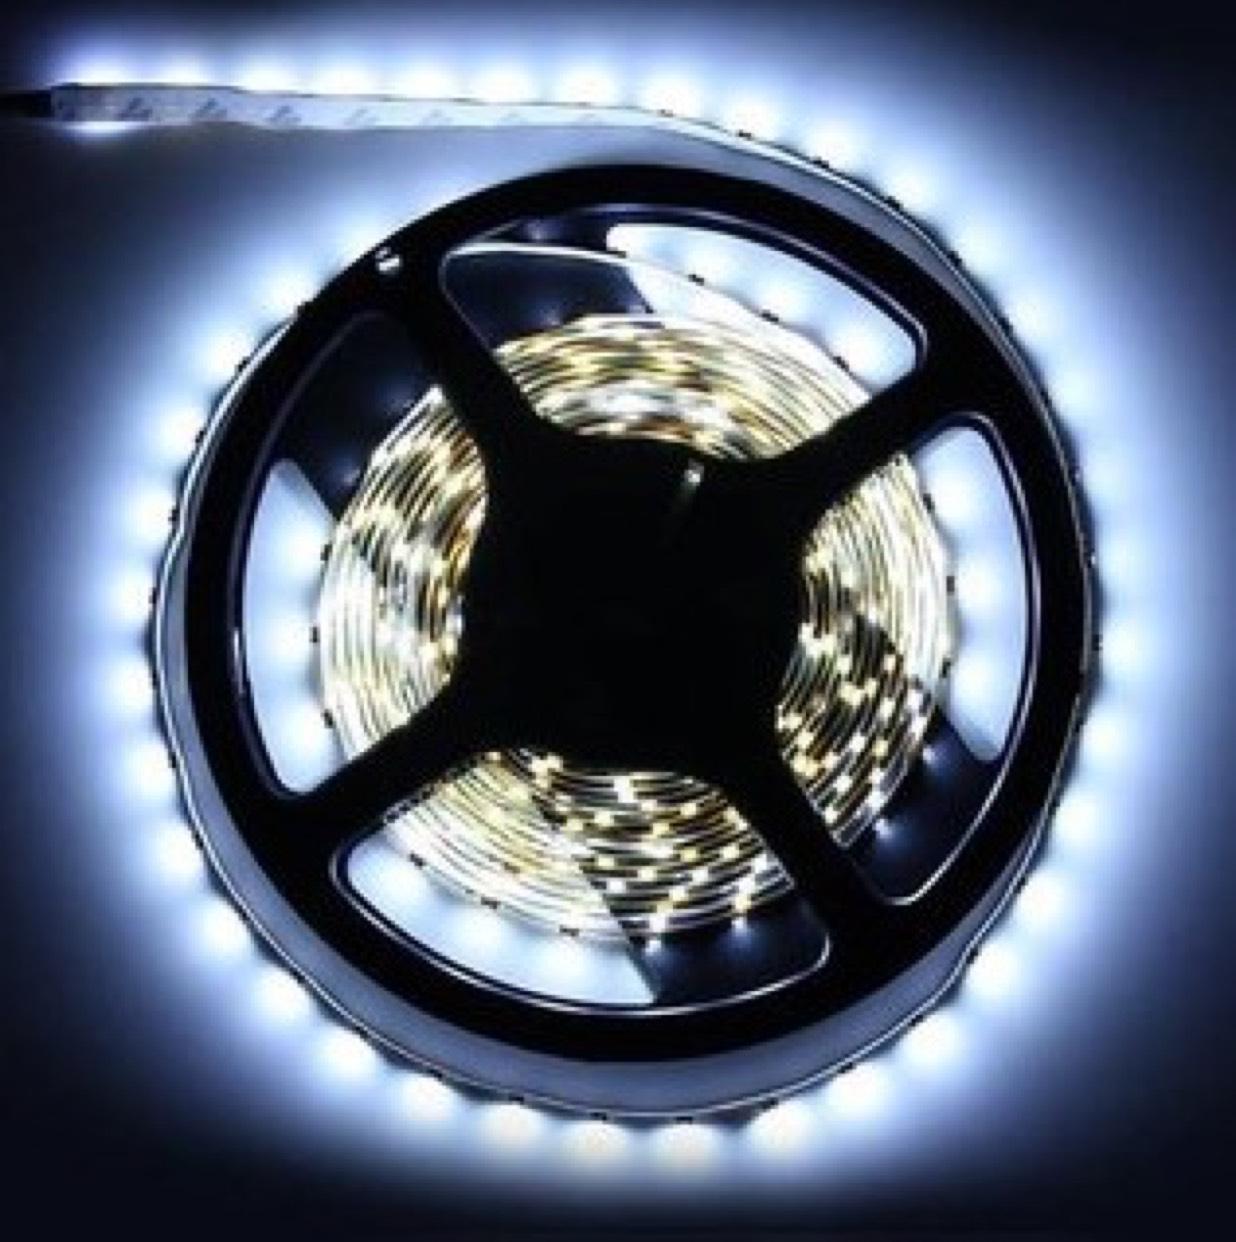 5M Weiß 3528 SMD LED Streifen Licht Nylon Nicht-Wasserdicht 12V DC 300 LED